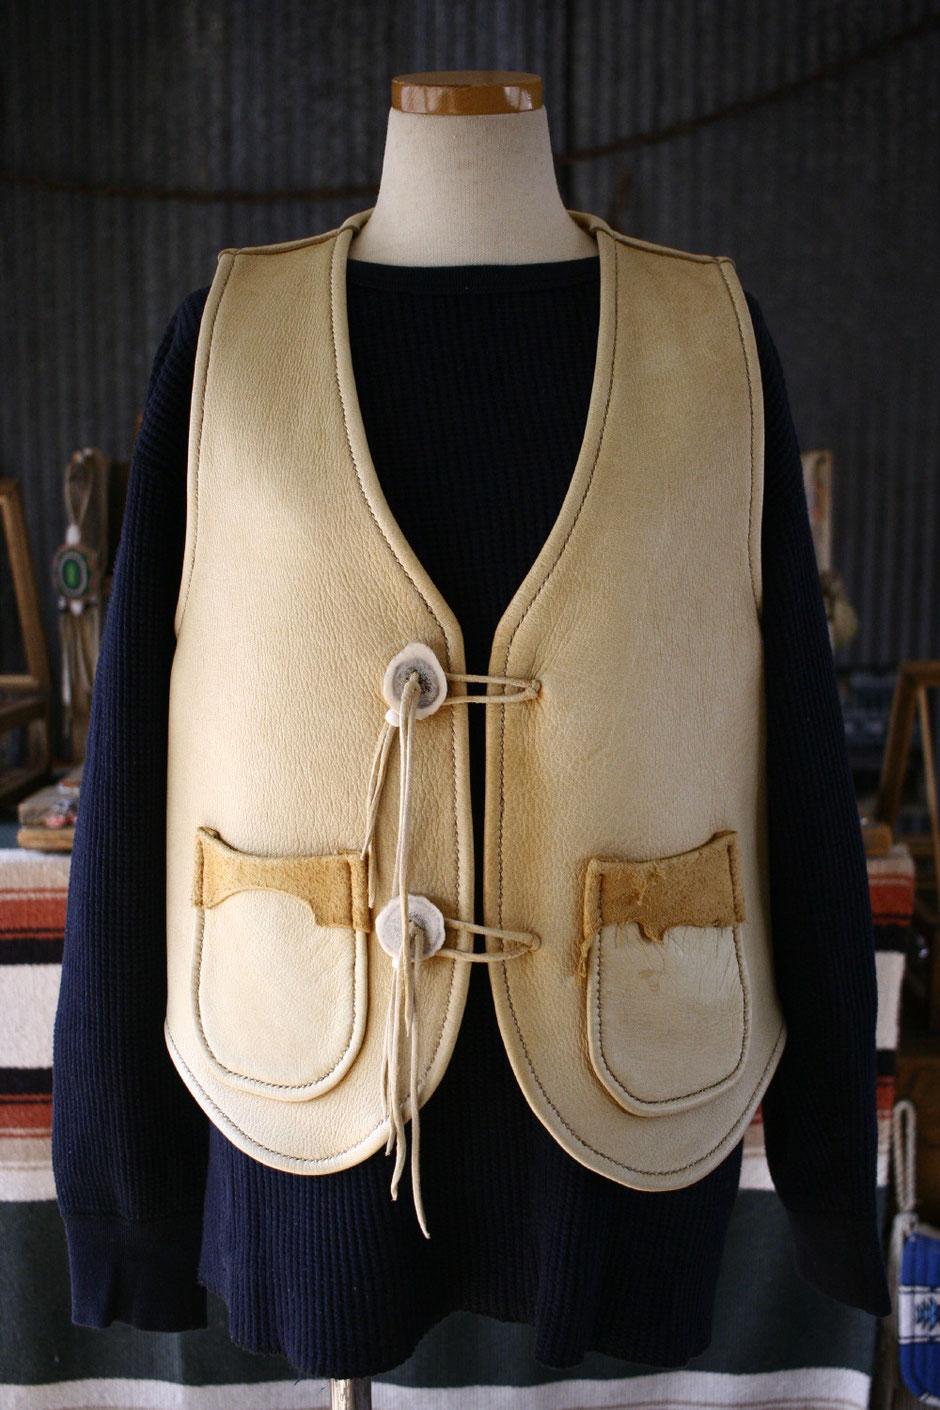 鹿革ベストの画像。ミシンを使わず、手縫いで仕上げられた一着。